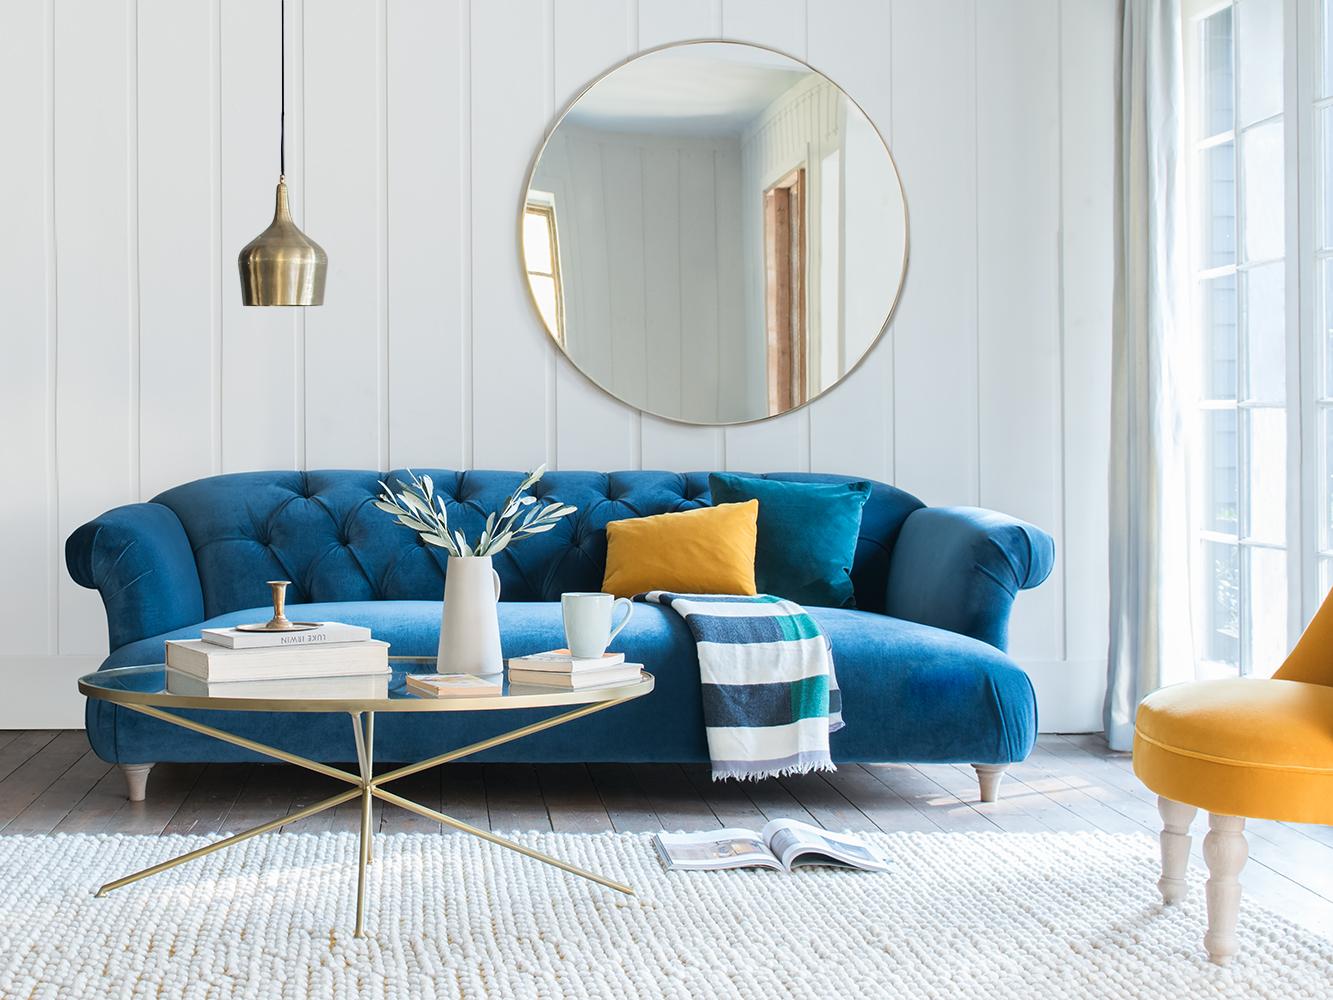 Những mẹo nhỏ để bố trí sofa sao cho phù hợp với không gian phòng khách